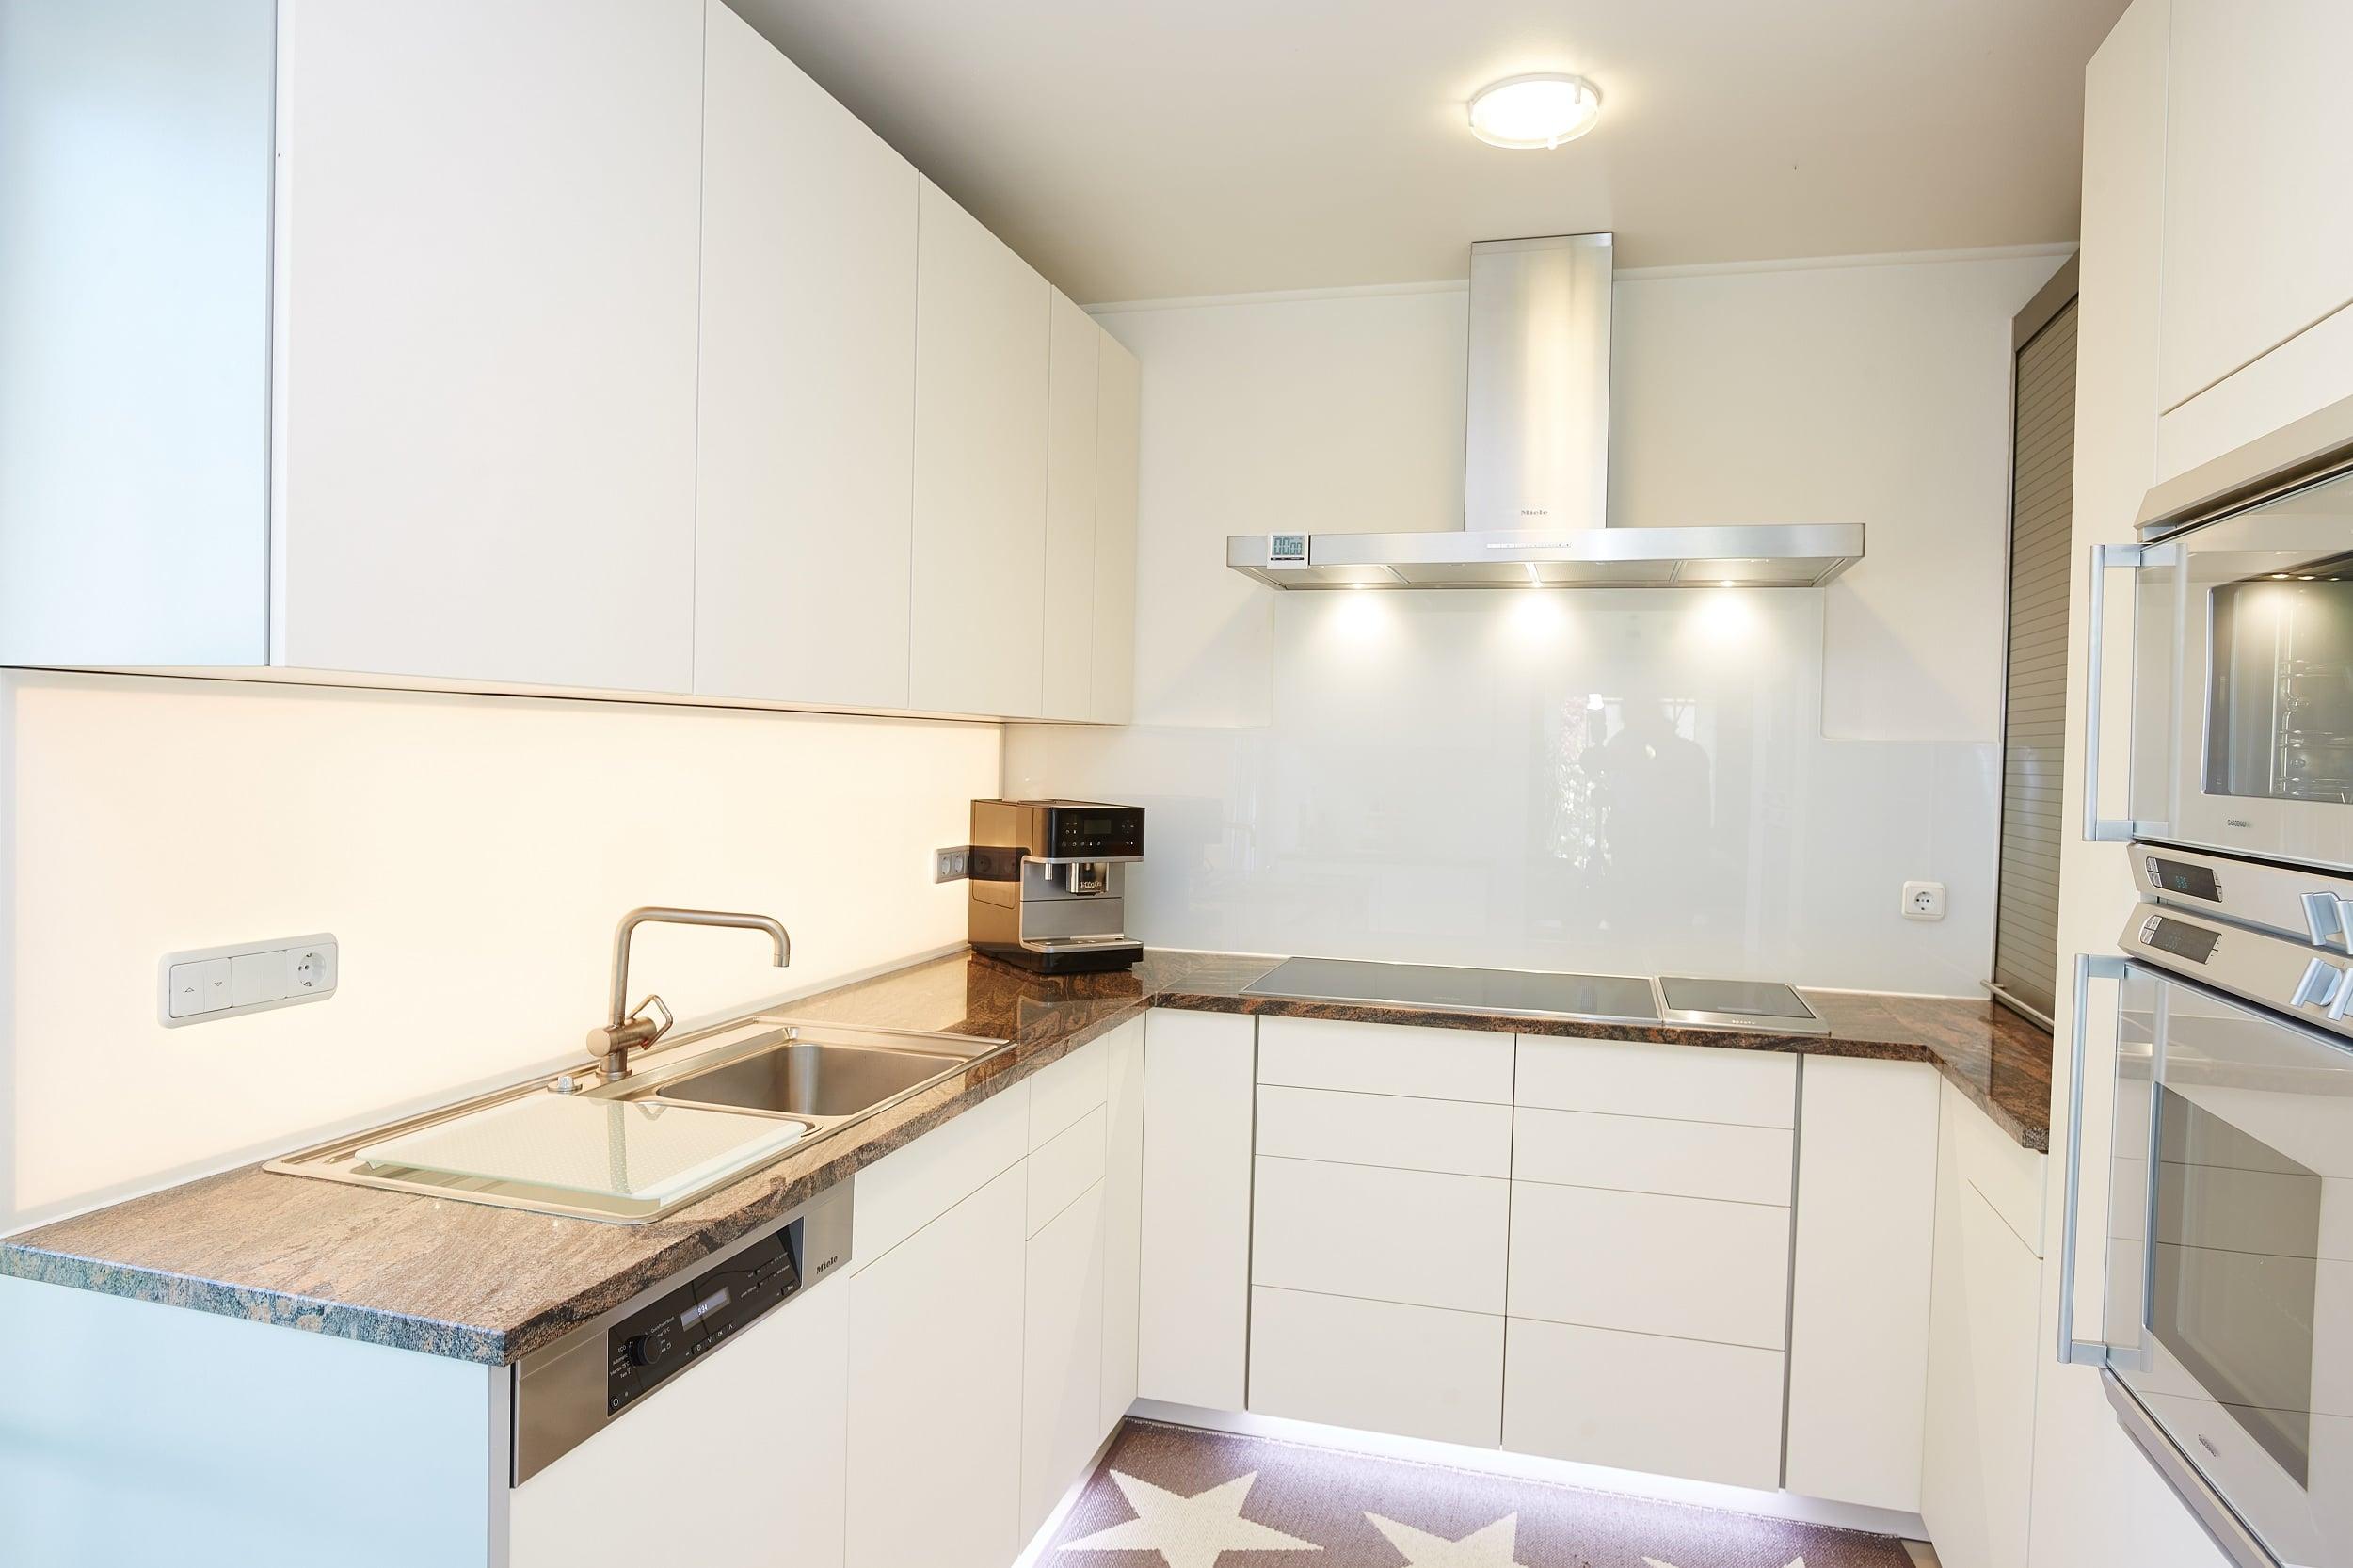 Full Size of Küche Arbeitsplatte Eiche Grau Küche Arbeitsplatte Verschönern Ikea Küche Arbeitsplatte Tiefe Ikea Küche Arbeitsplatte Montage Küche Küche Arbeitsplatte